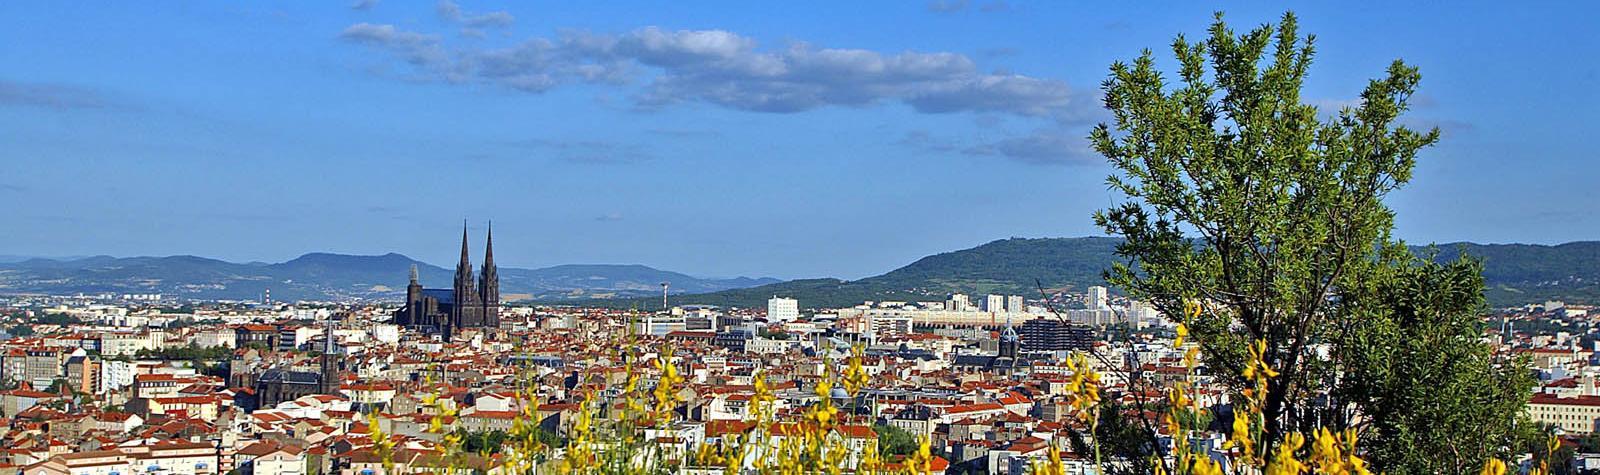 Panorama sur Clermont et sa métropole